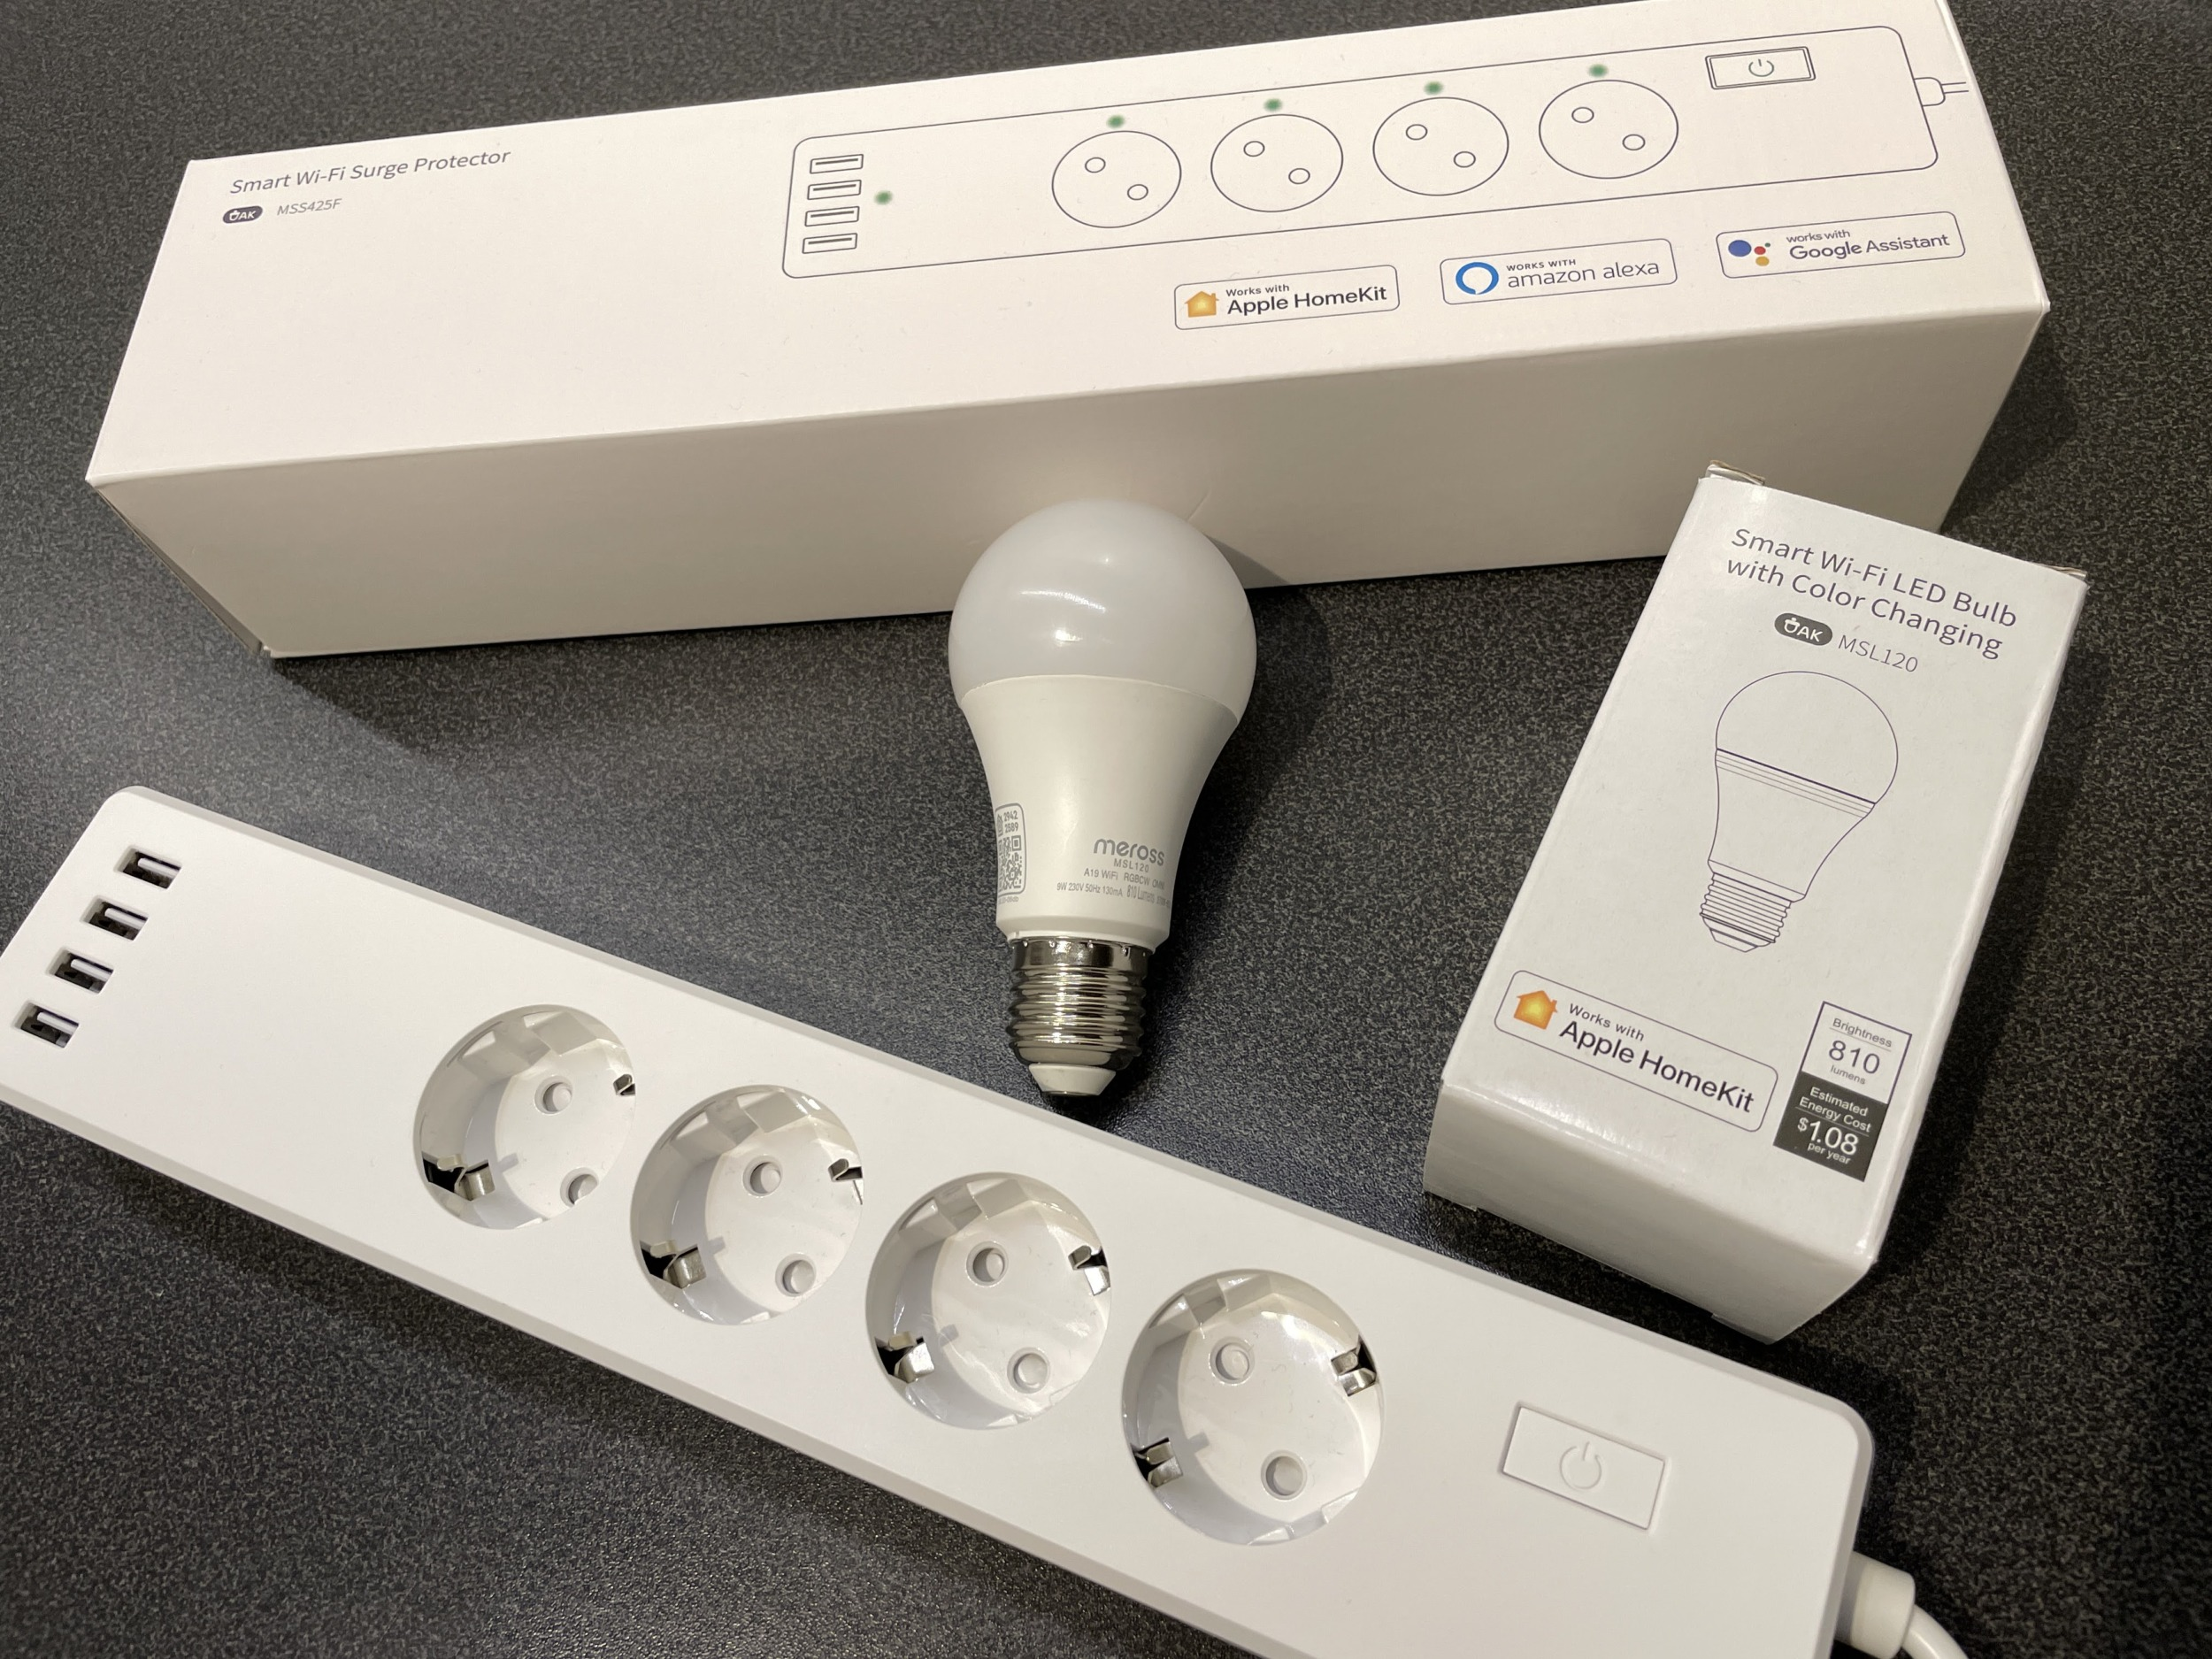 Chytrá žárovka a zásuvka Meross – pomocníci do domácnosti, které prostě potřebujete [recenze]